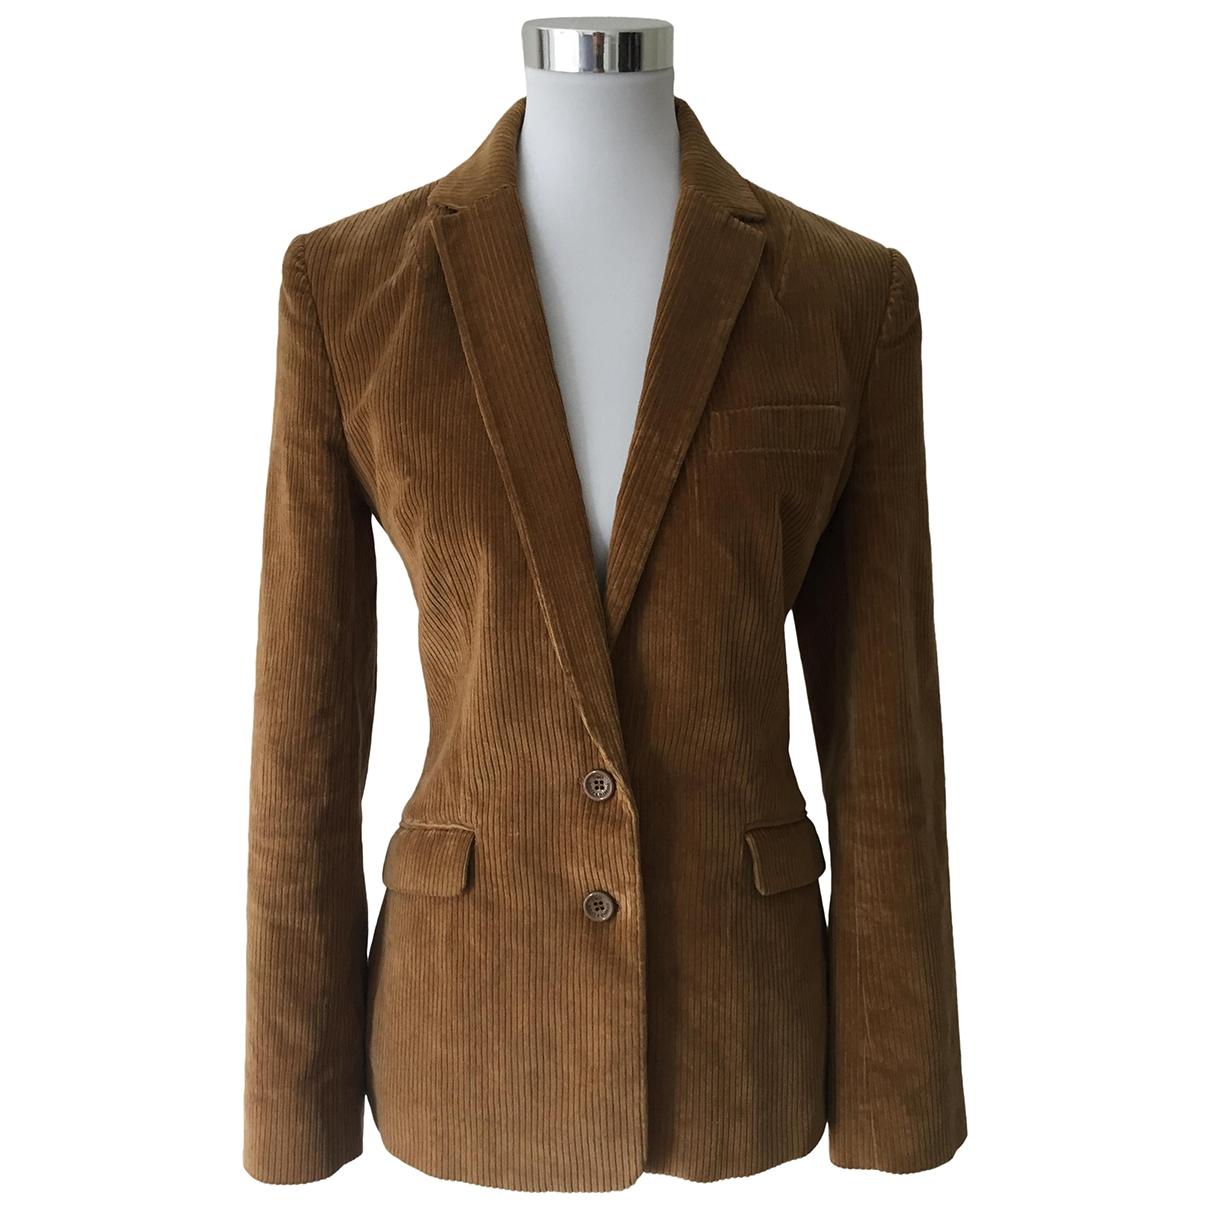 D&g - Veste   pour femme en coton - marron